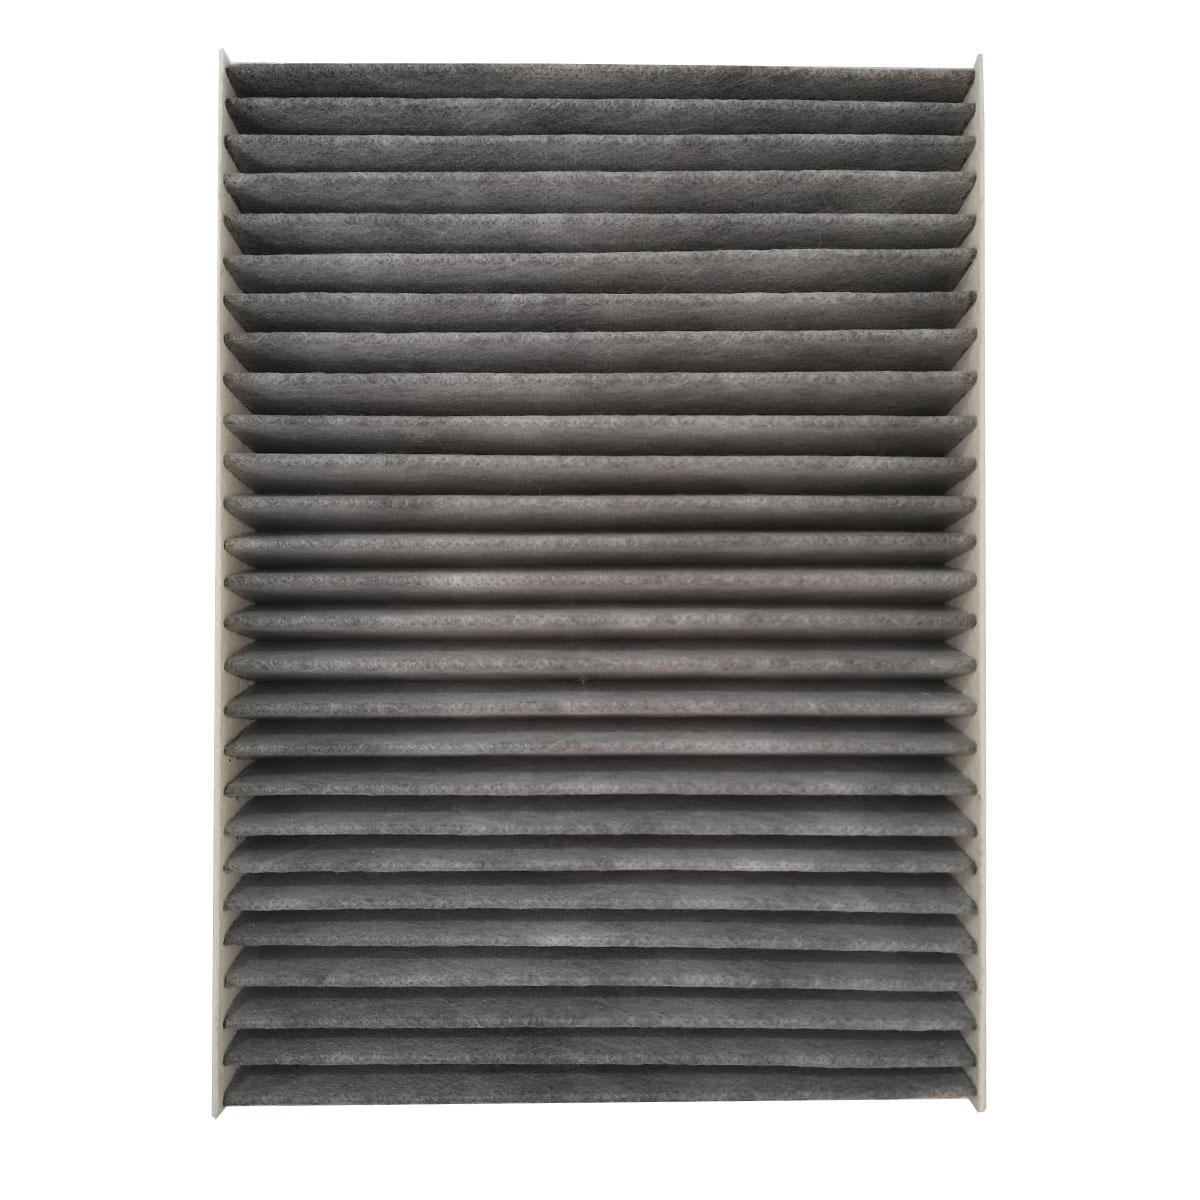 فیلتر کابین خودرو رنو مدل 27277-5HAOA  مناسب برای رنو تالیسمان